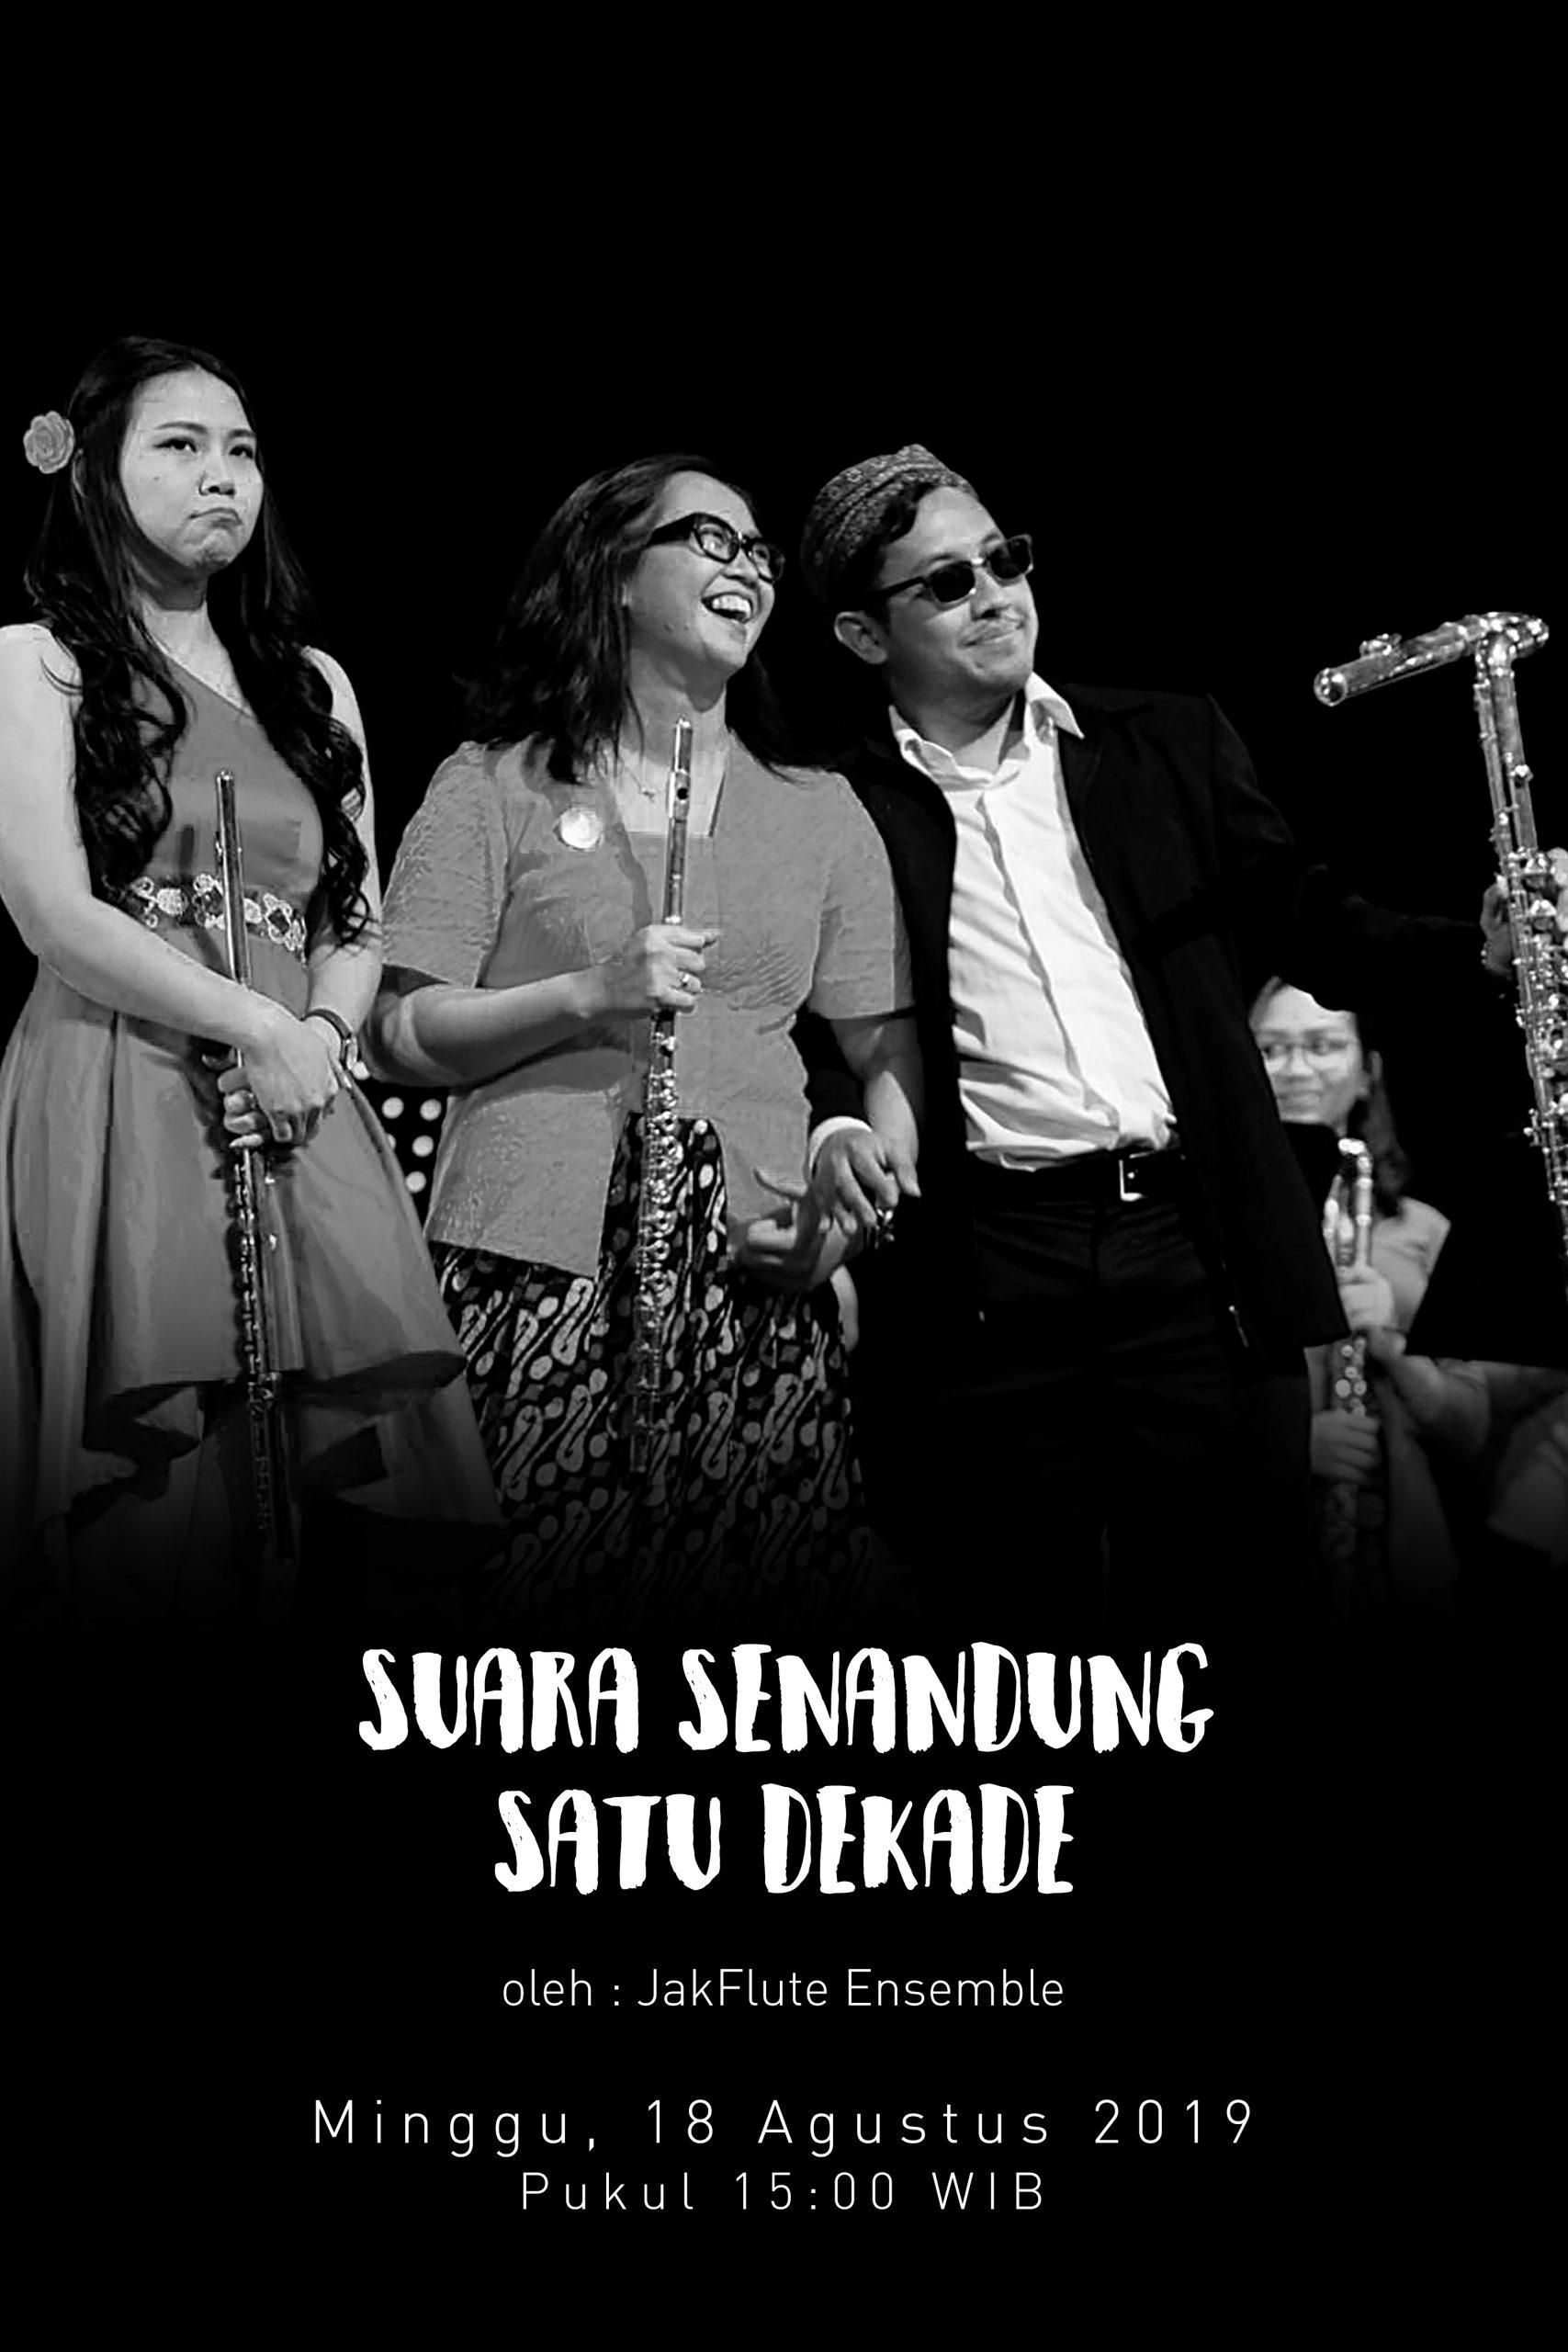 SUARA Senandung Satu Dekade oleh JakFlute Ensemble